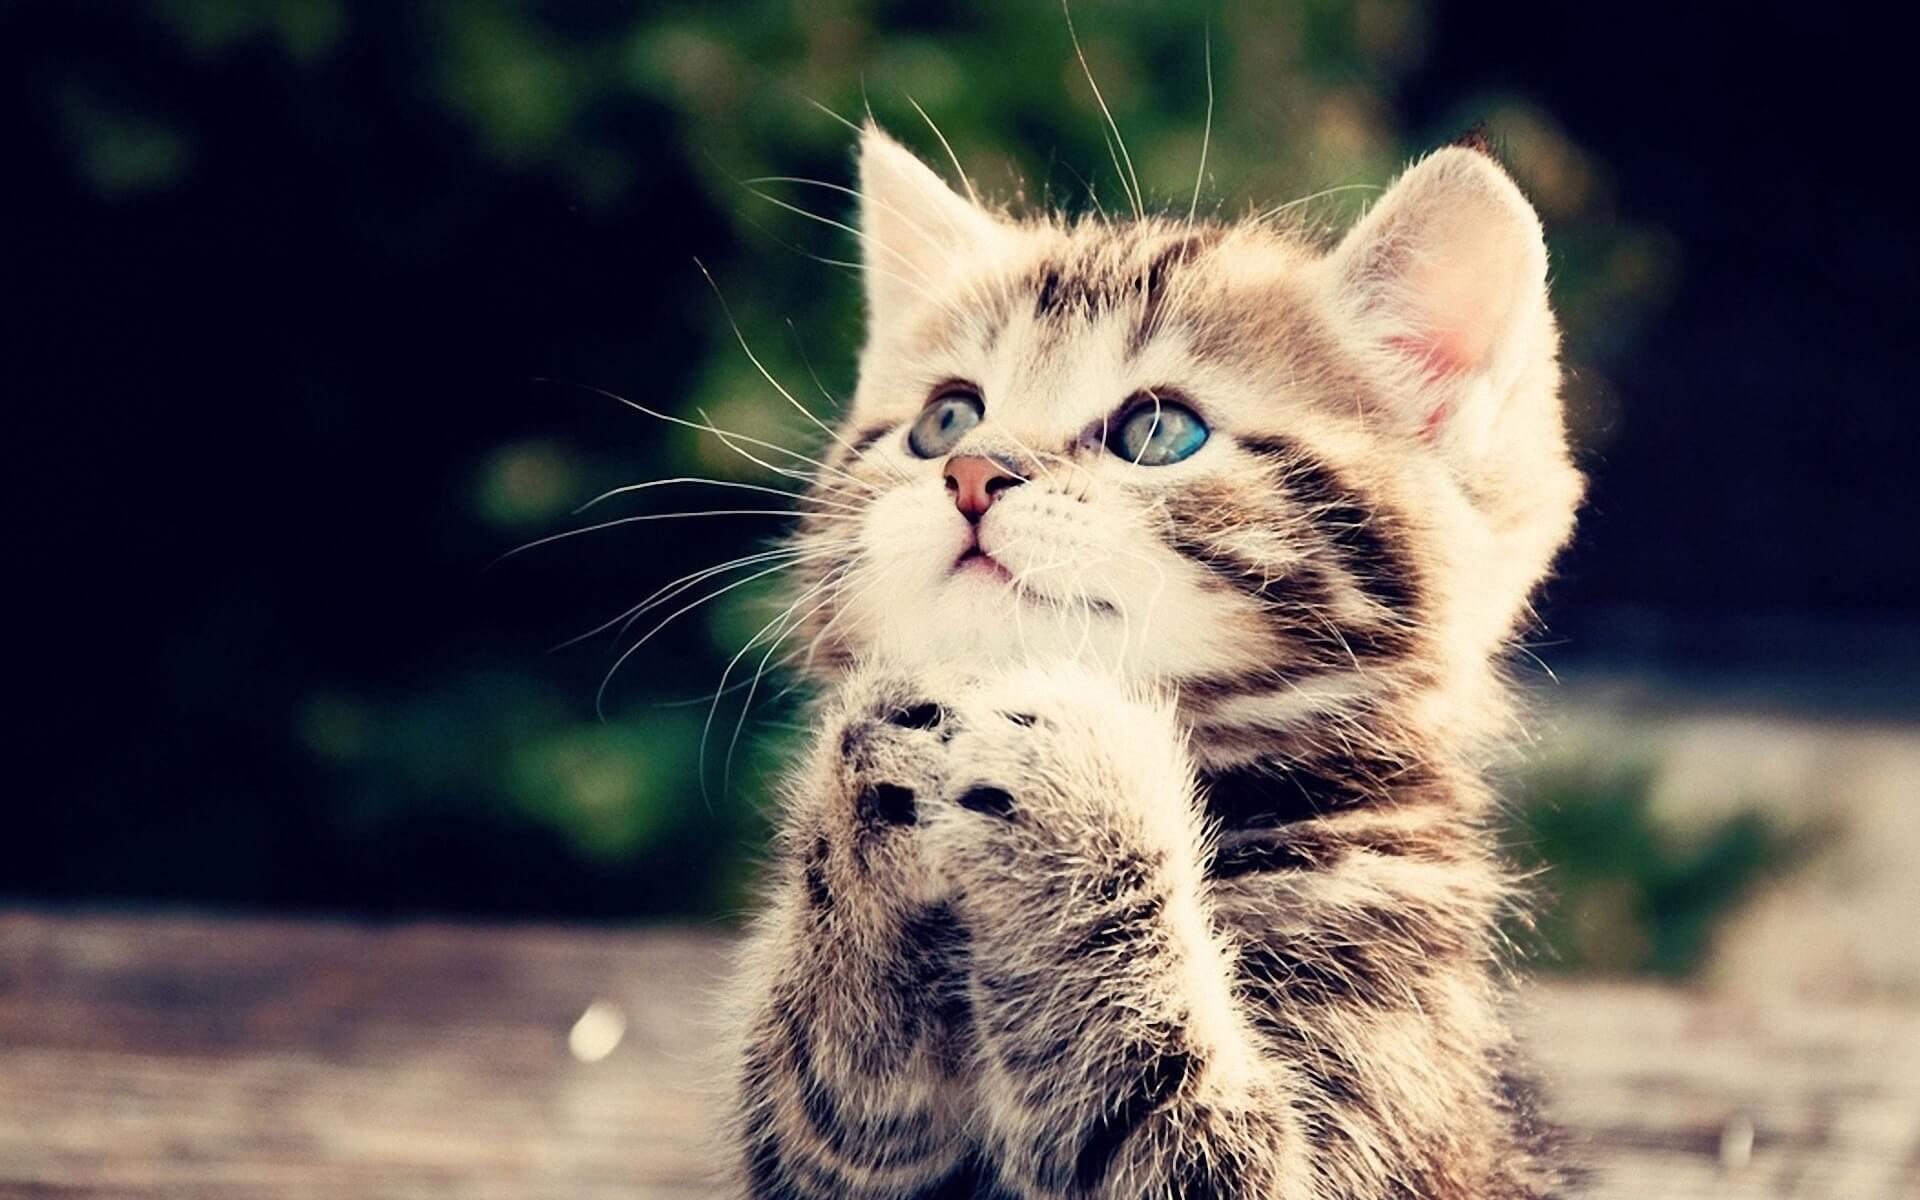 Ảnh nền chú mèo đáng yêu đang chắp tay xin cái gì đó